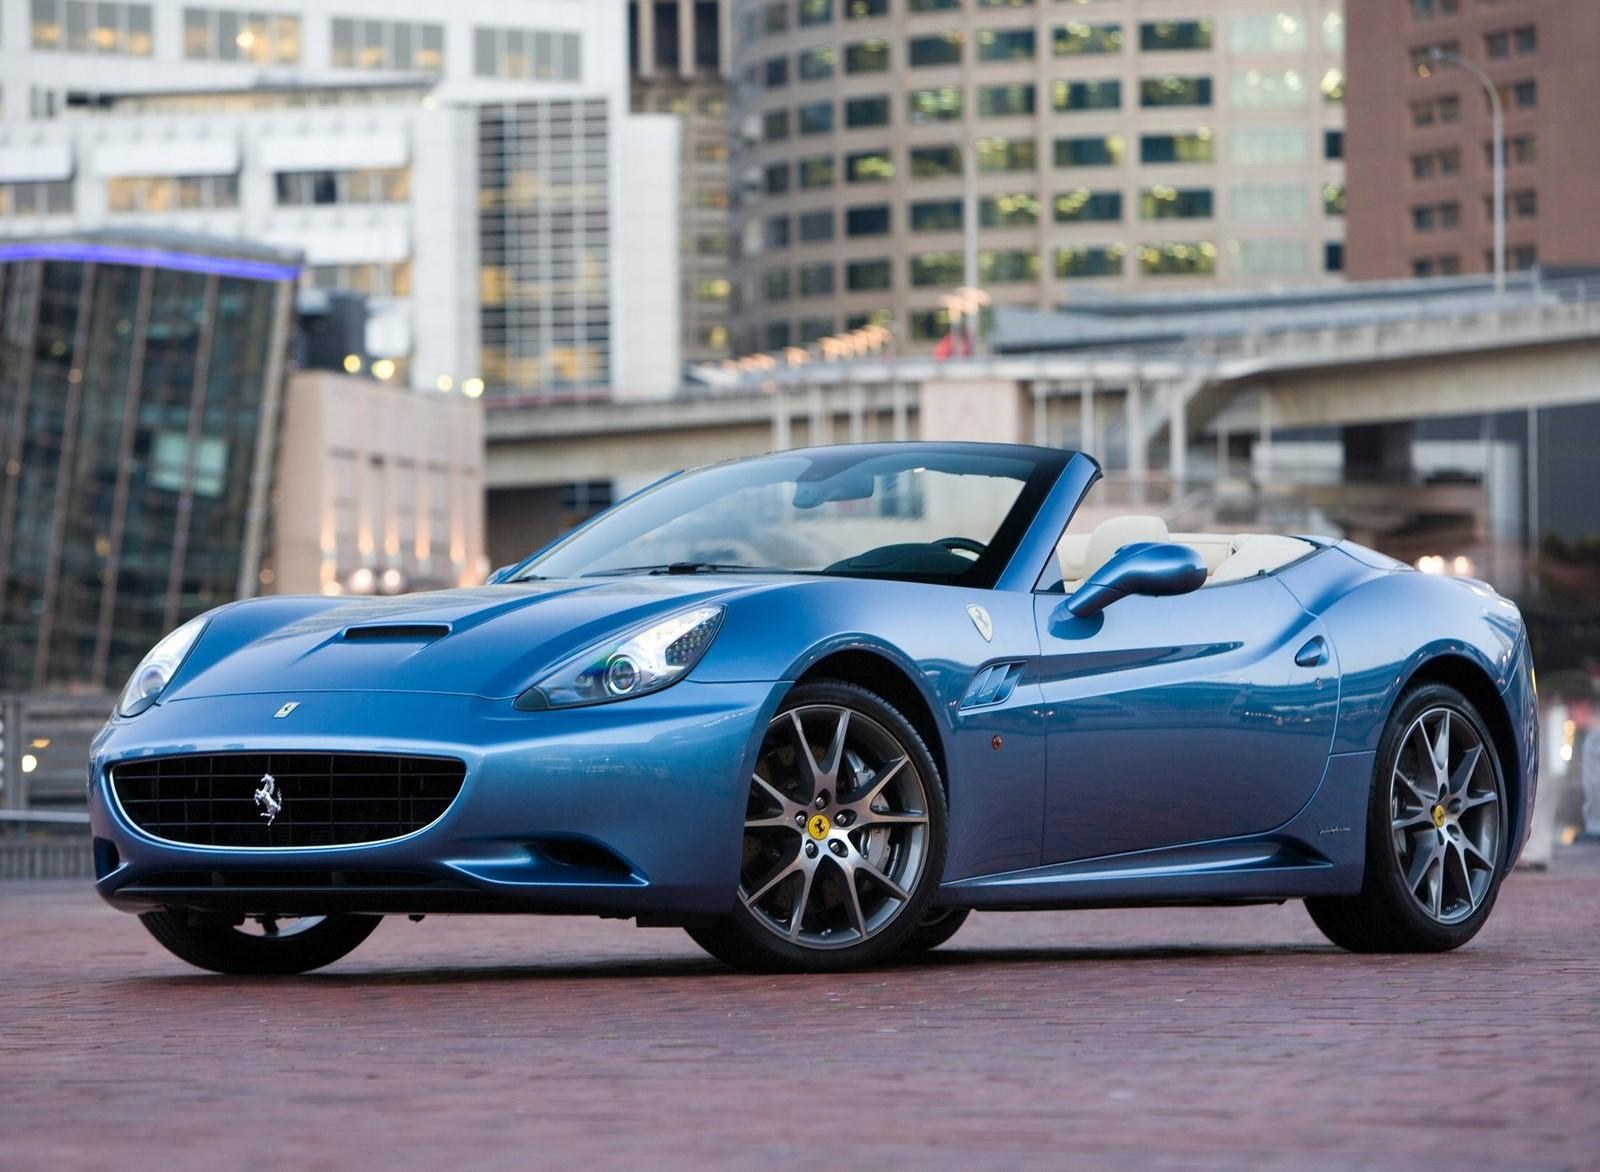 Ferrari california bleu 2017 - Fonds d'écran HD